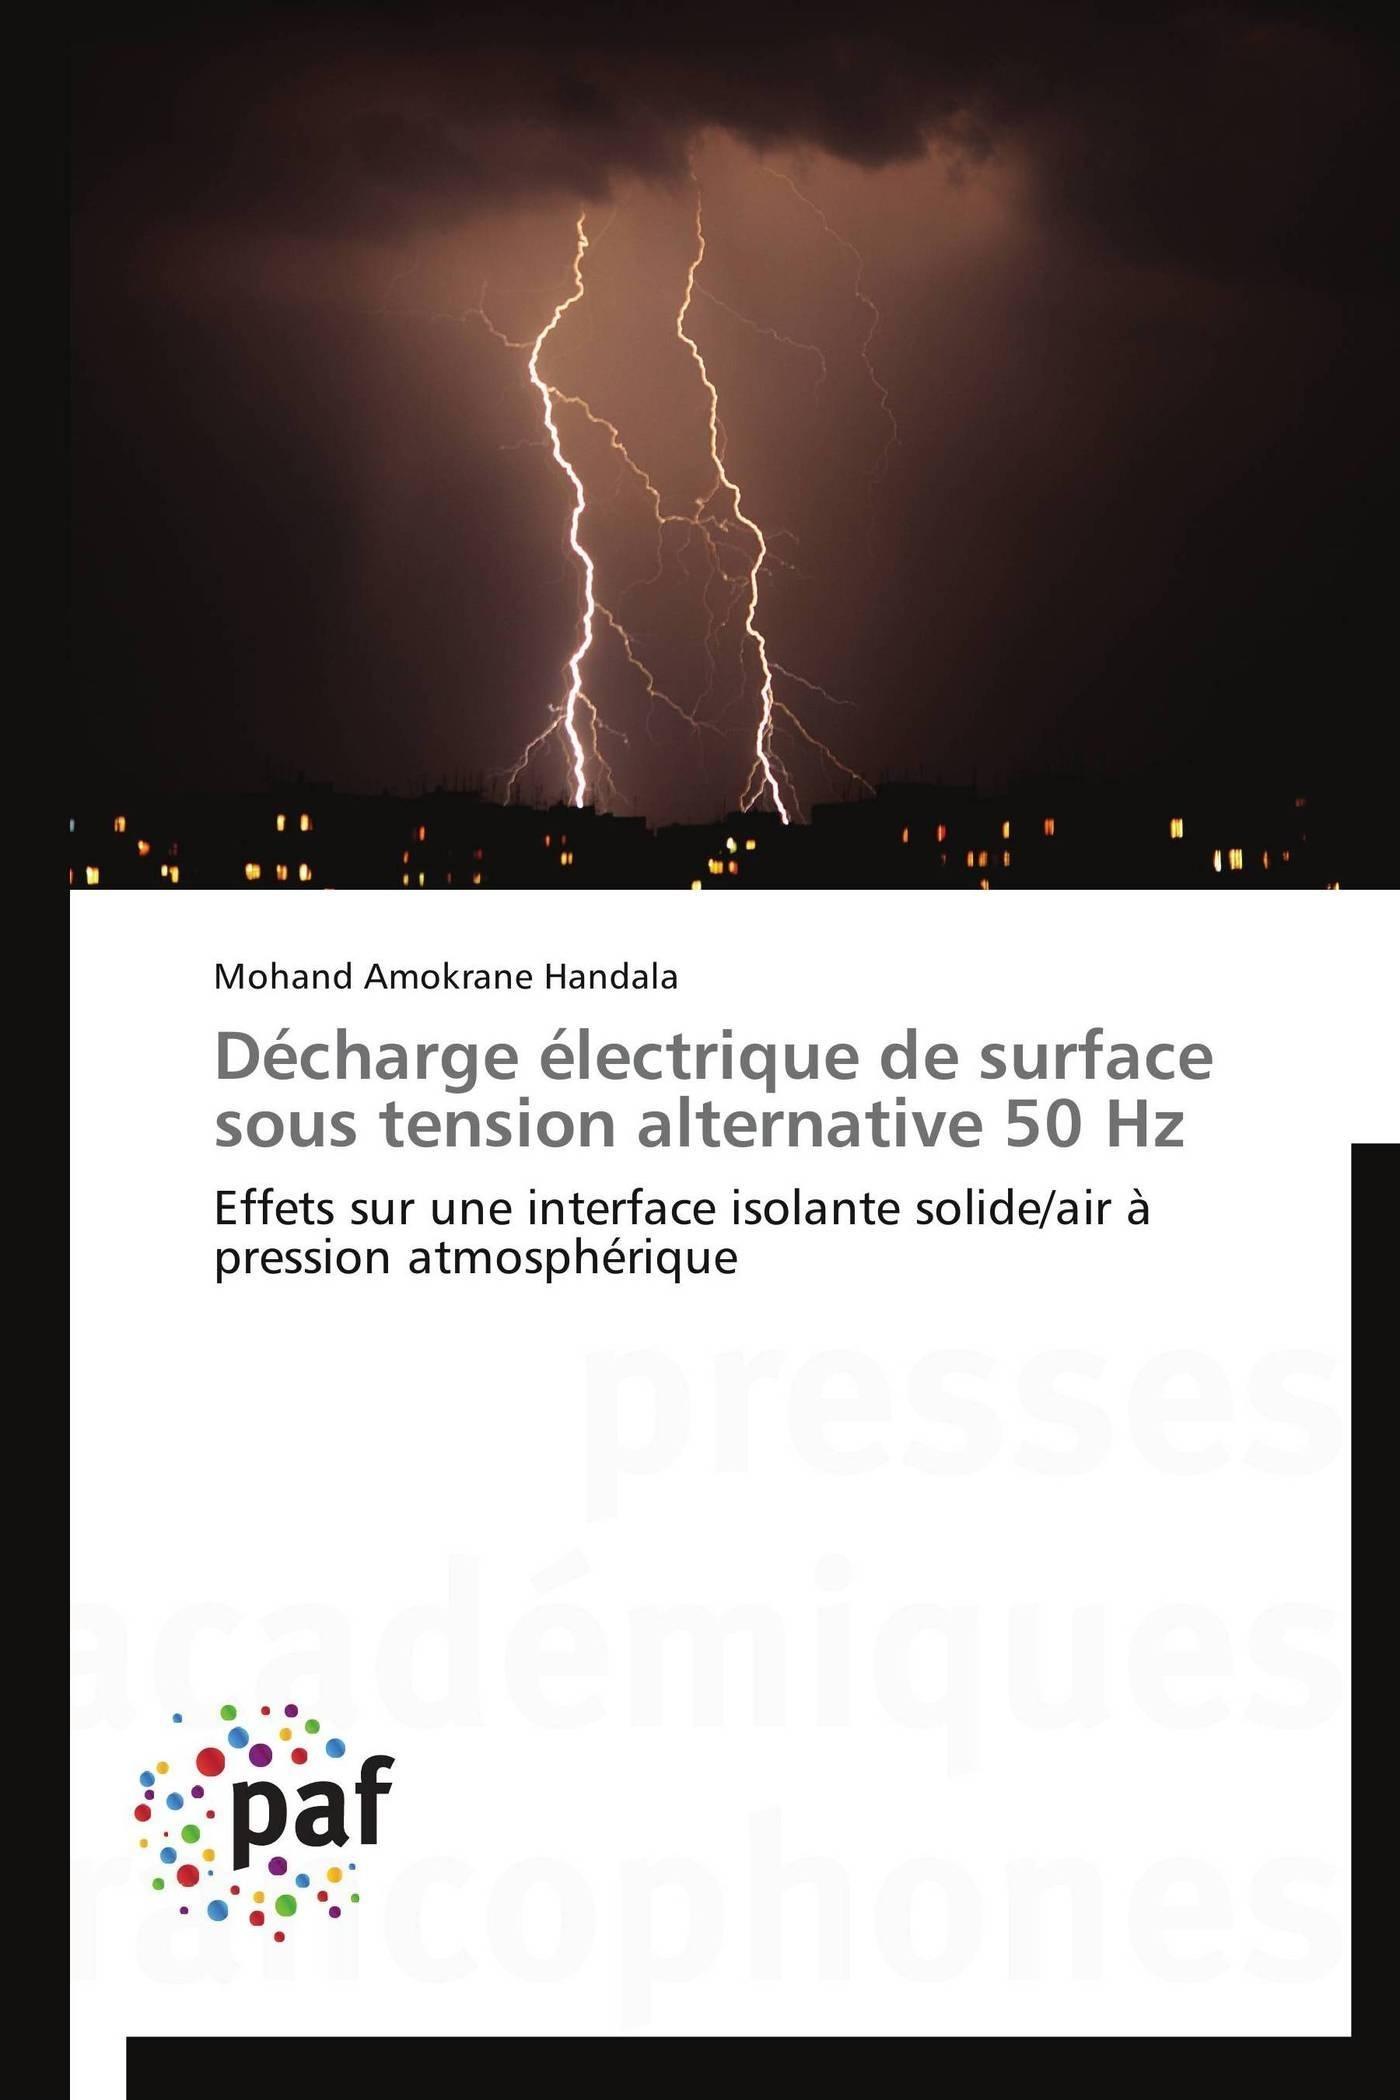 DECHARGE ELECTRIQUE DE SURFACE SOUS TENSION ALTERNATIVE 50 HZ